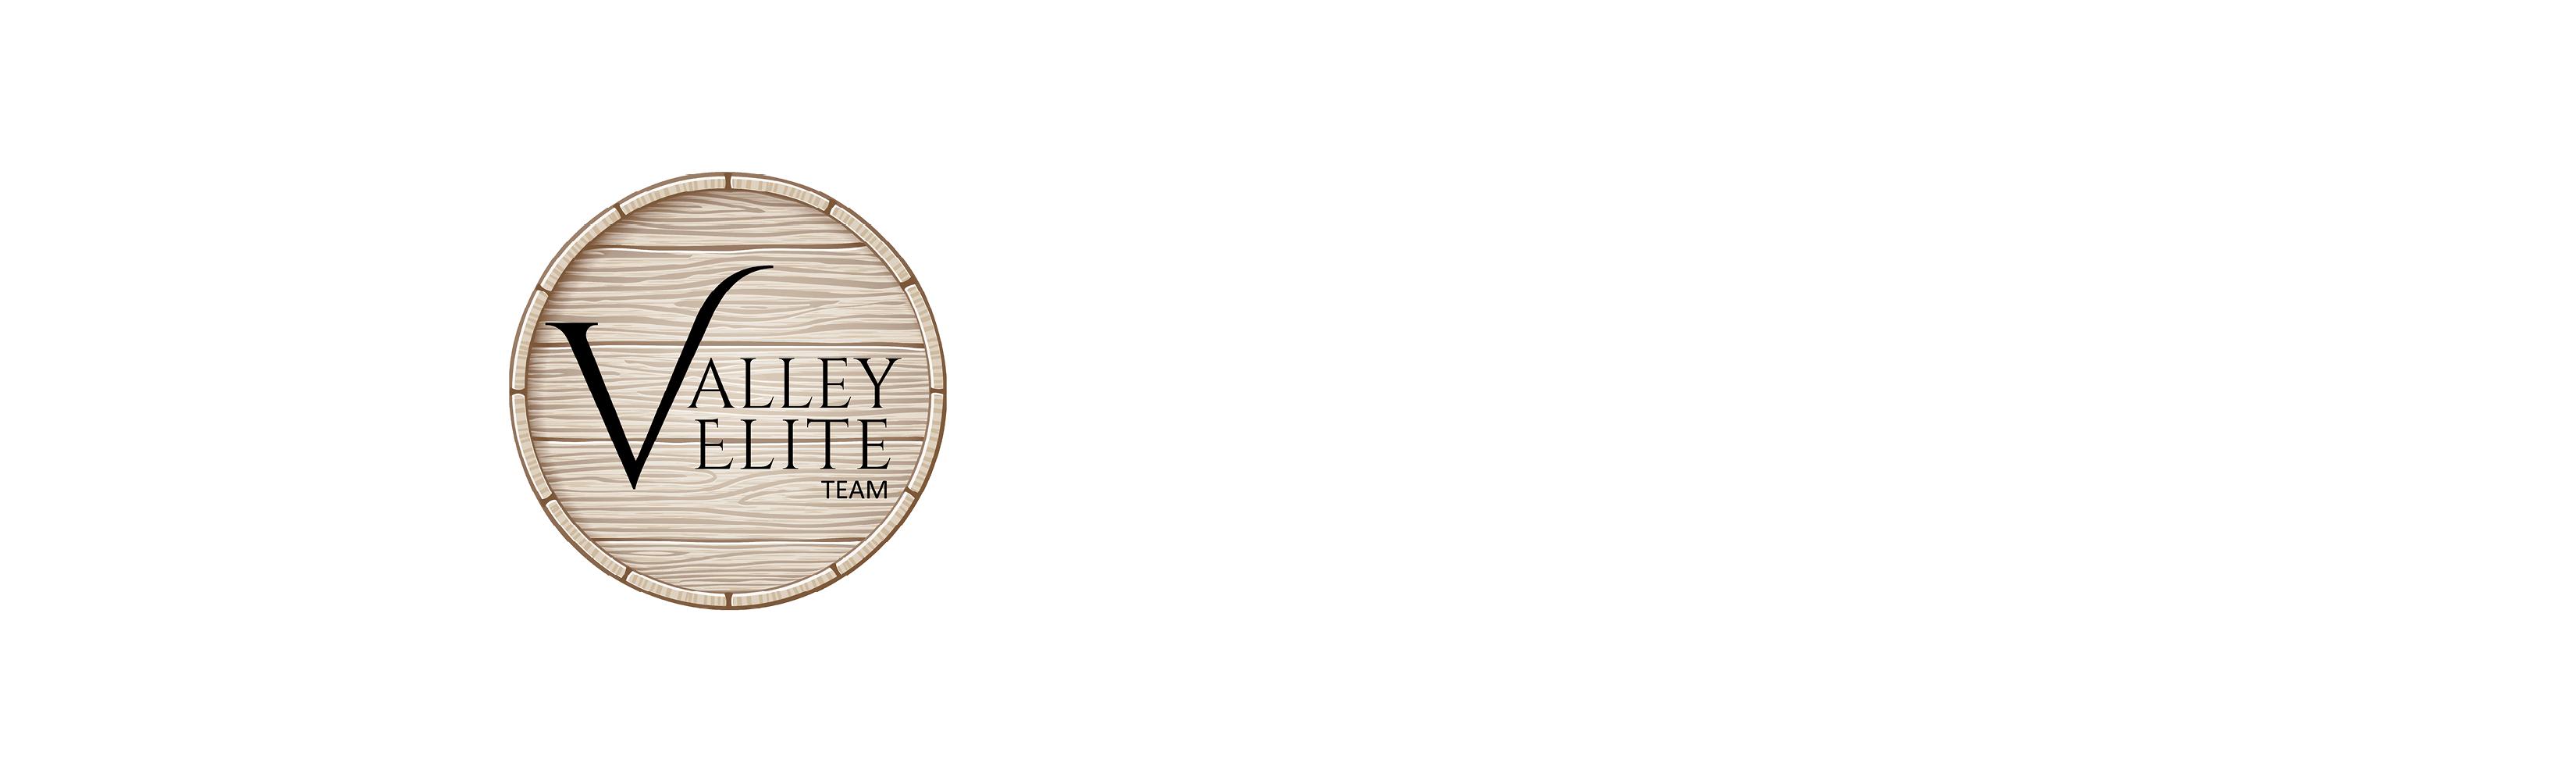 Valley Elite_W logo_WHITE PNG